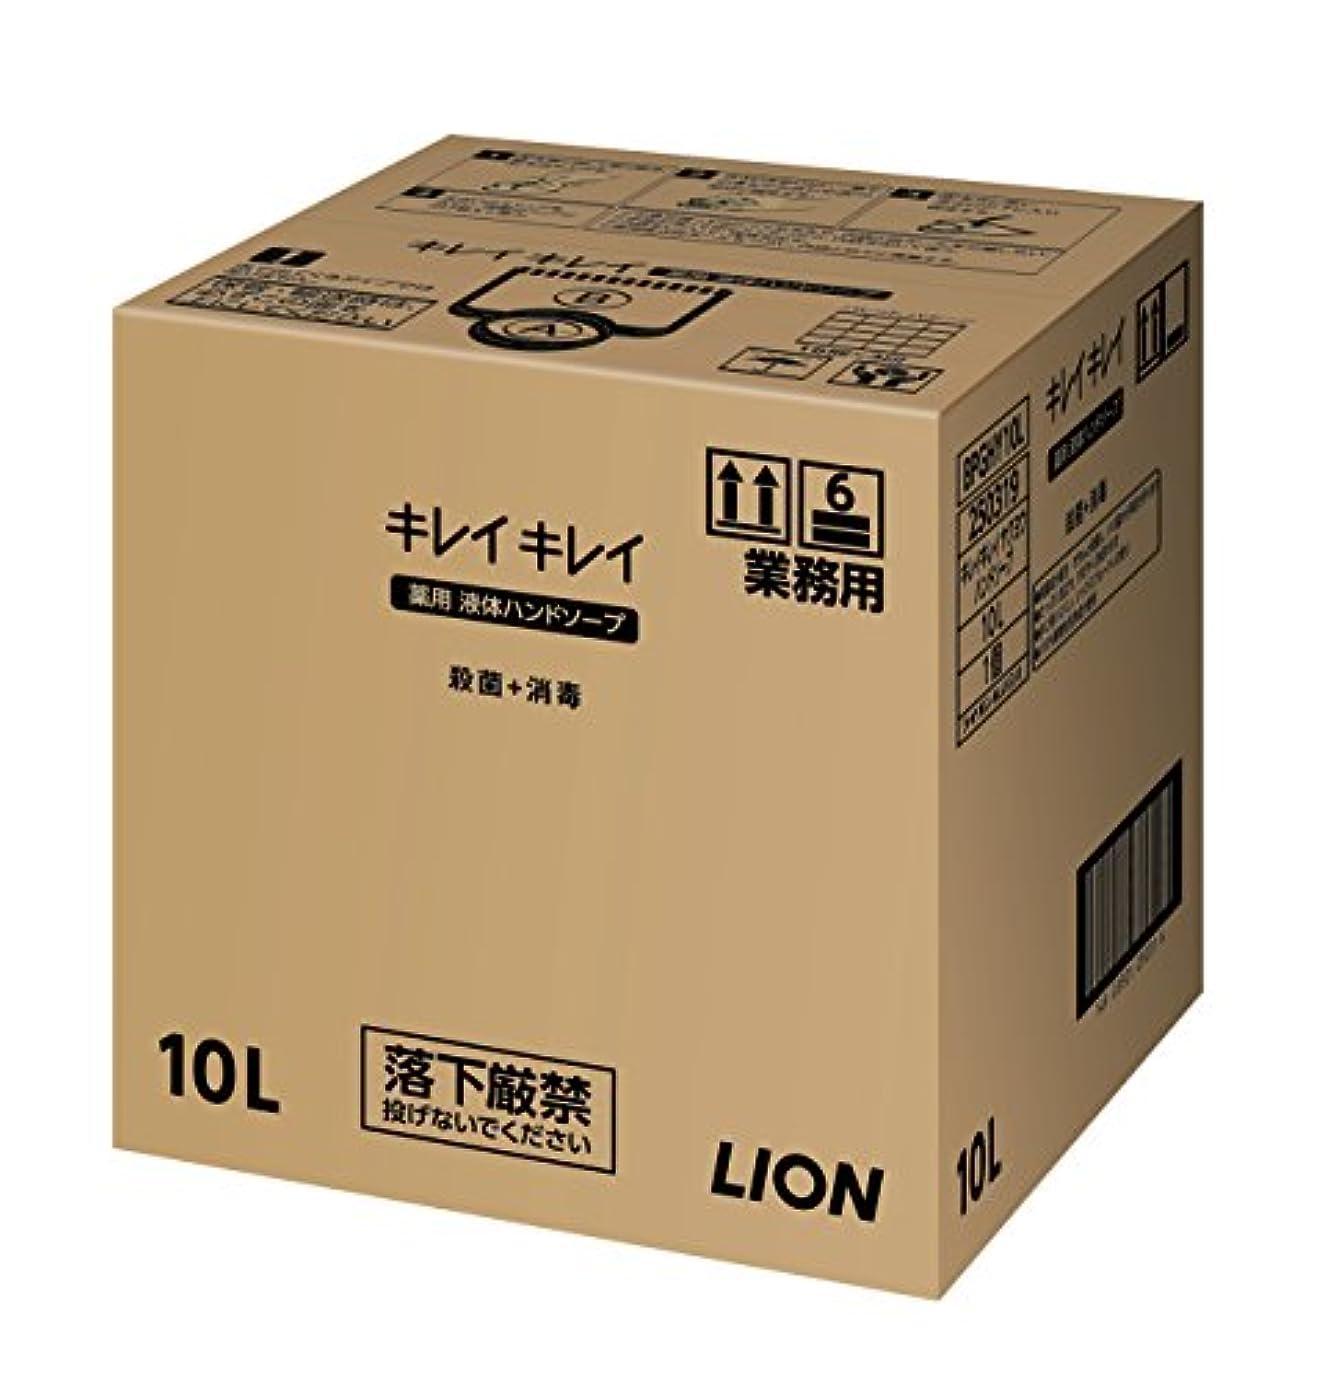 賞震え薬用【大容量】キレイキレイ薬用ハンドソープ10L